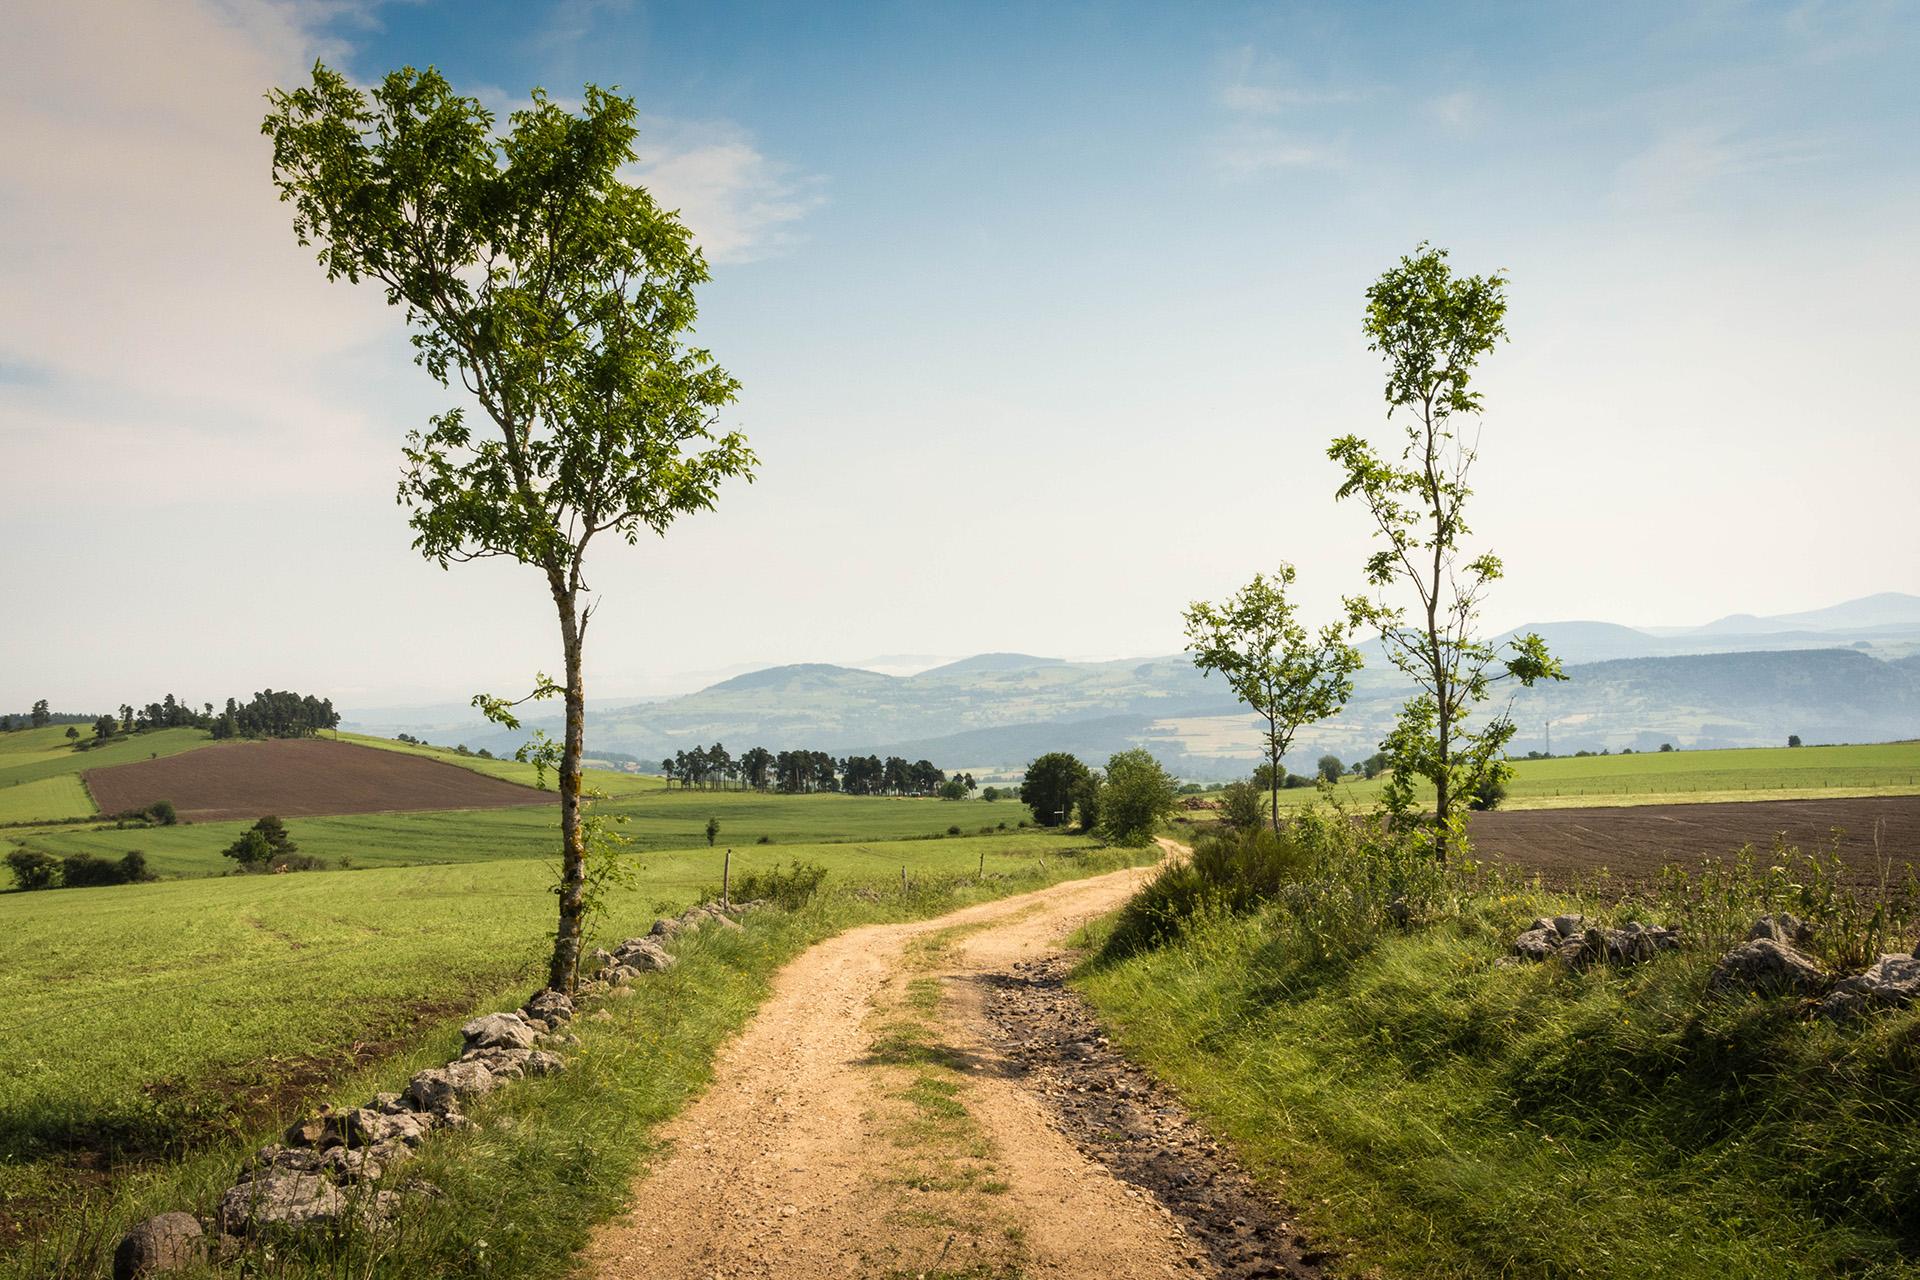 The GR70 Stevenson Trail winding through the volcanic landscape of the Velay